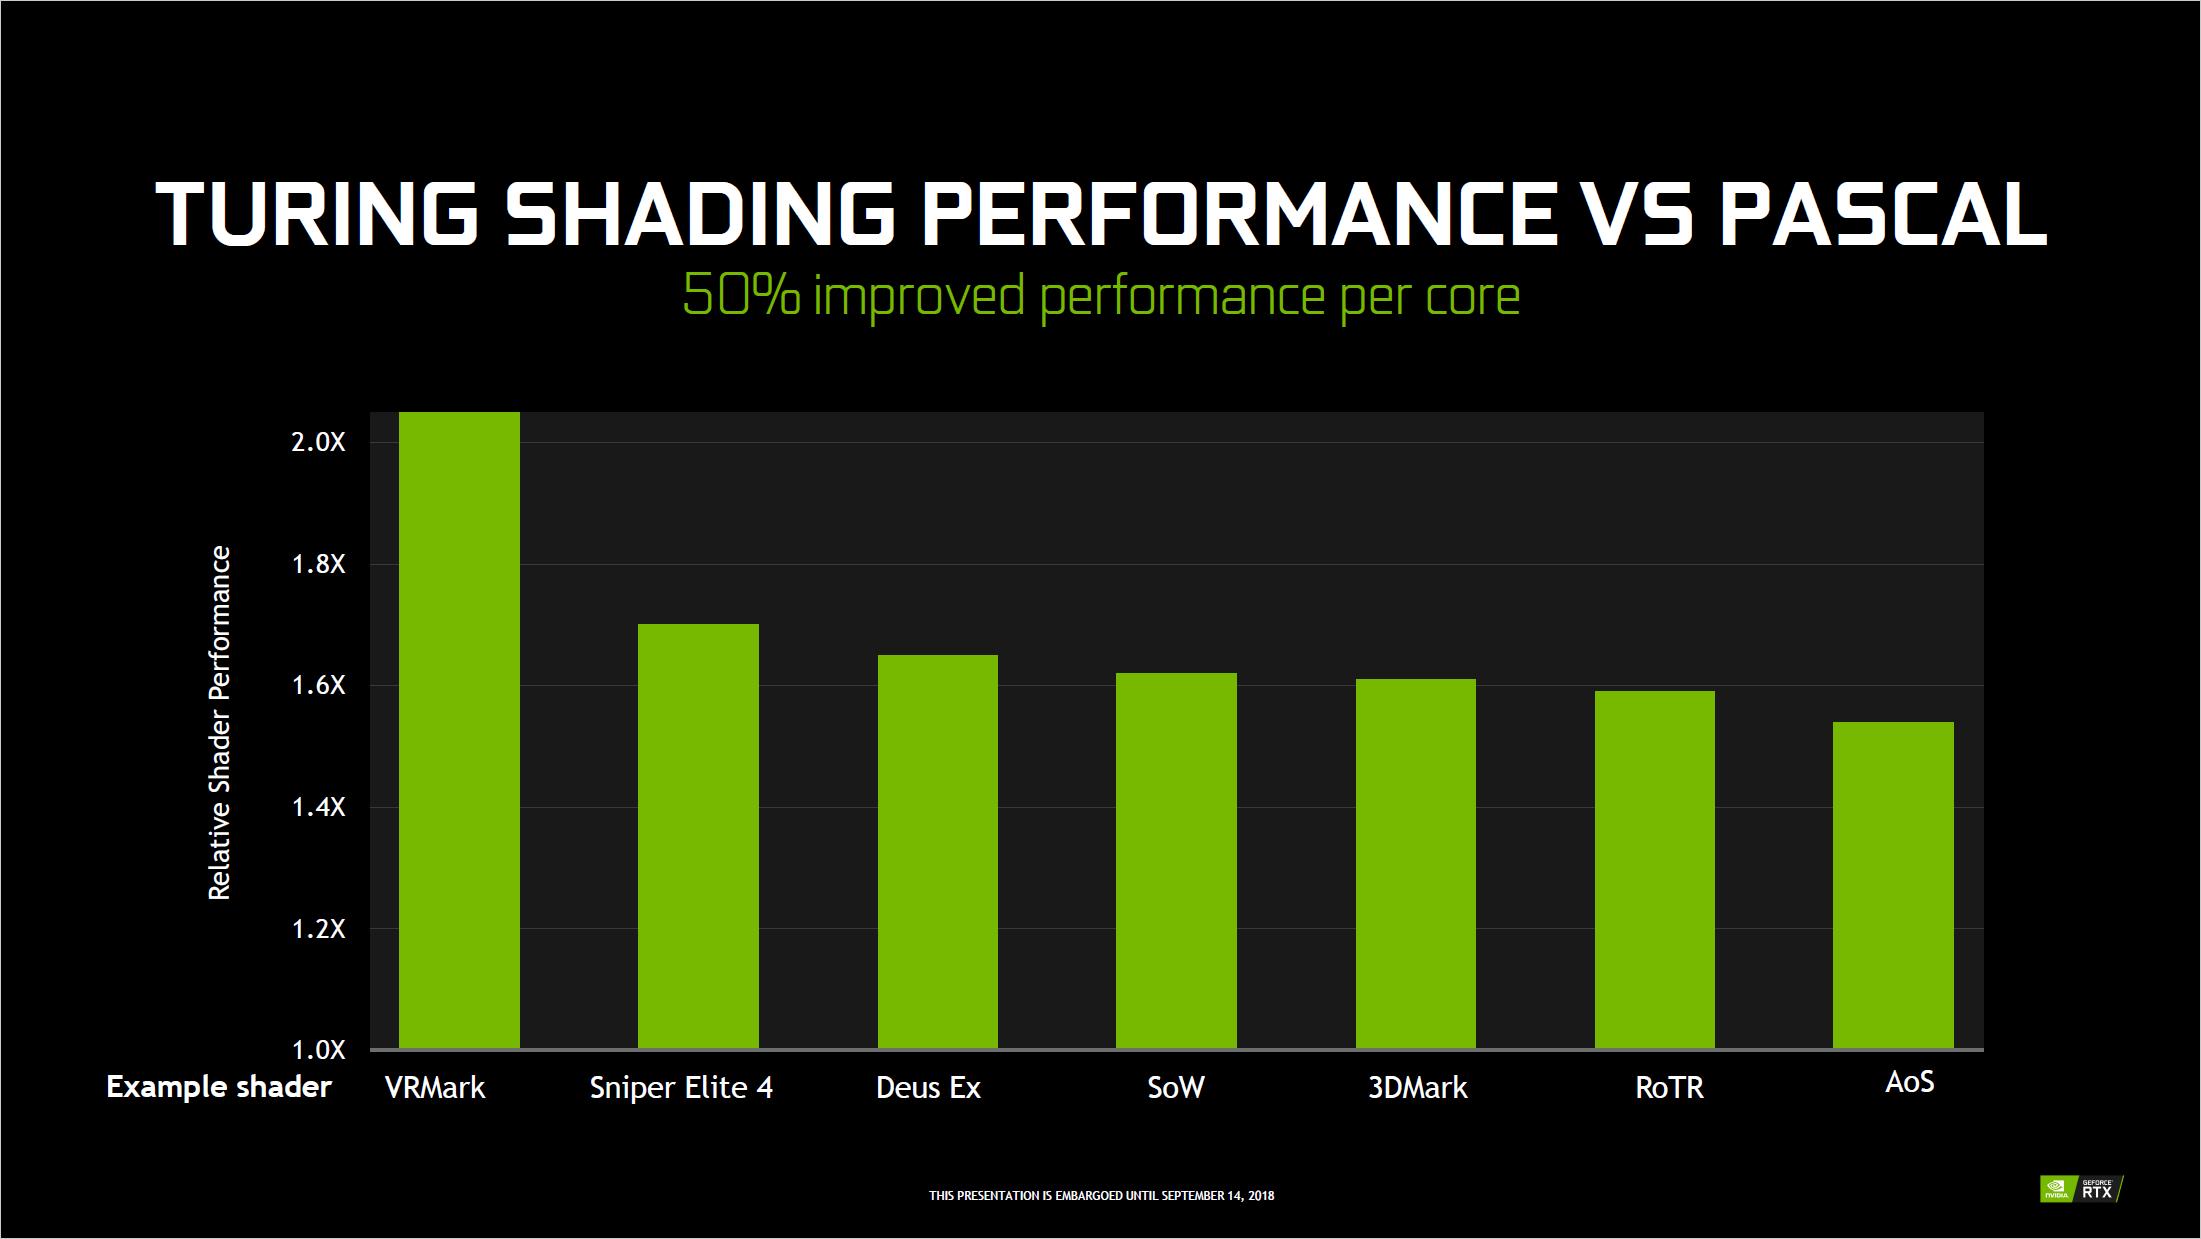 Grafikkarten: Das kann Nvidias Turing-Architektur - Die Shader-Einheiten sollen sehr viel flotter rechnen. (Bild: Nvidia)